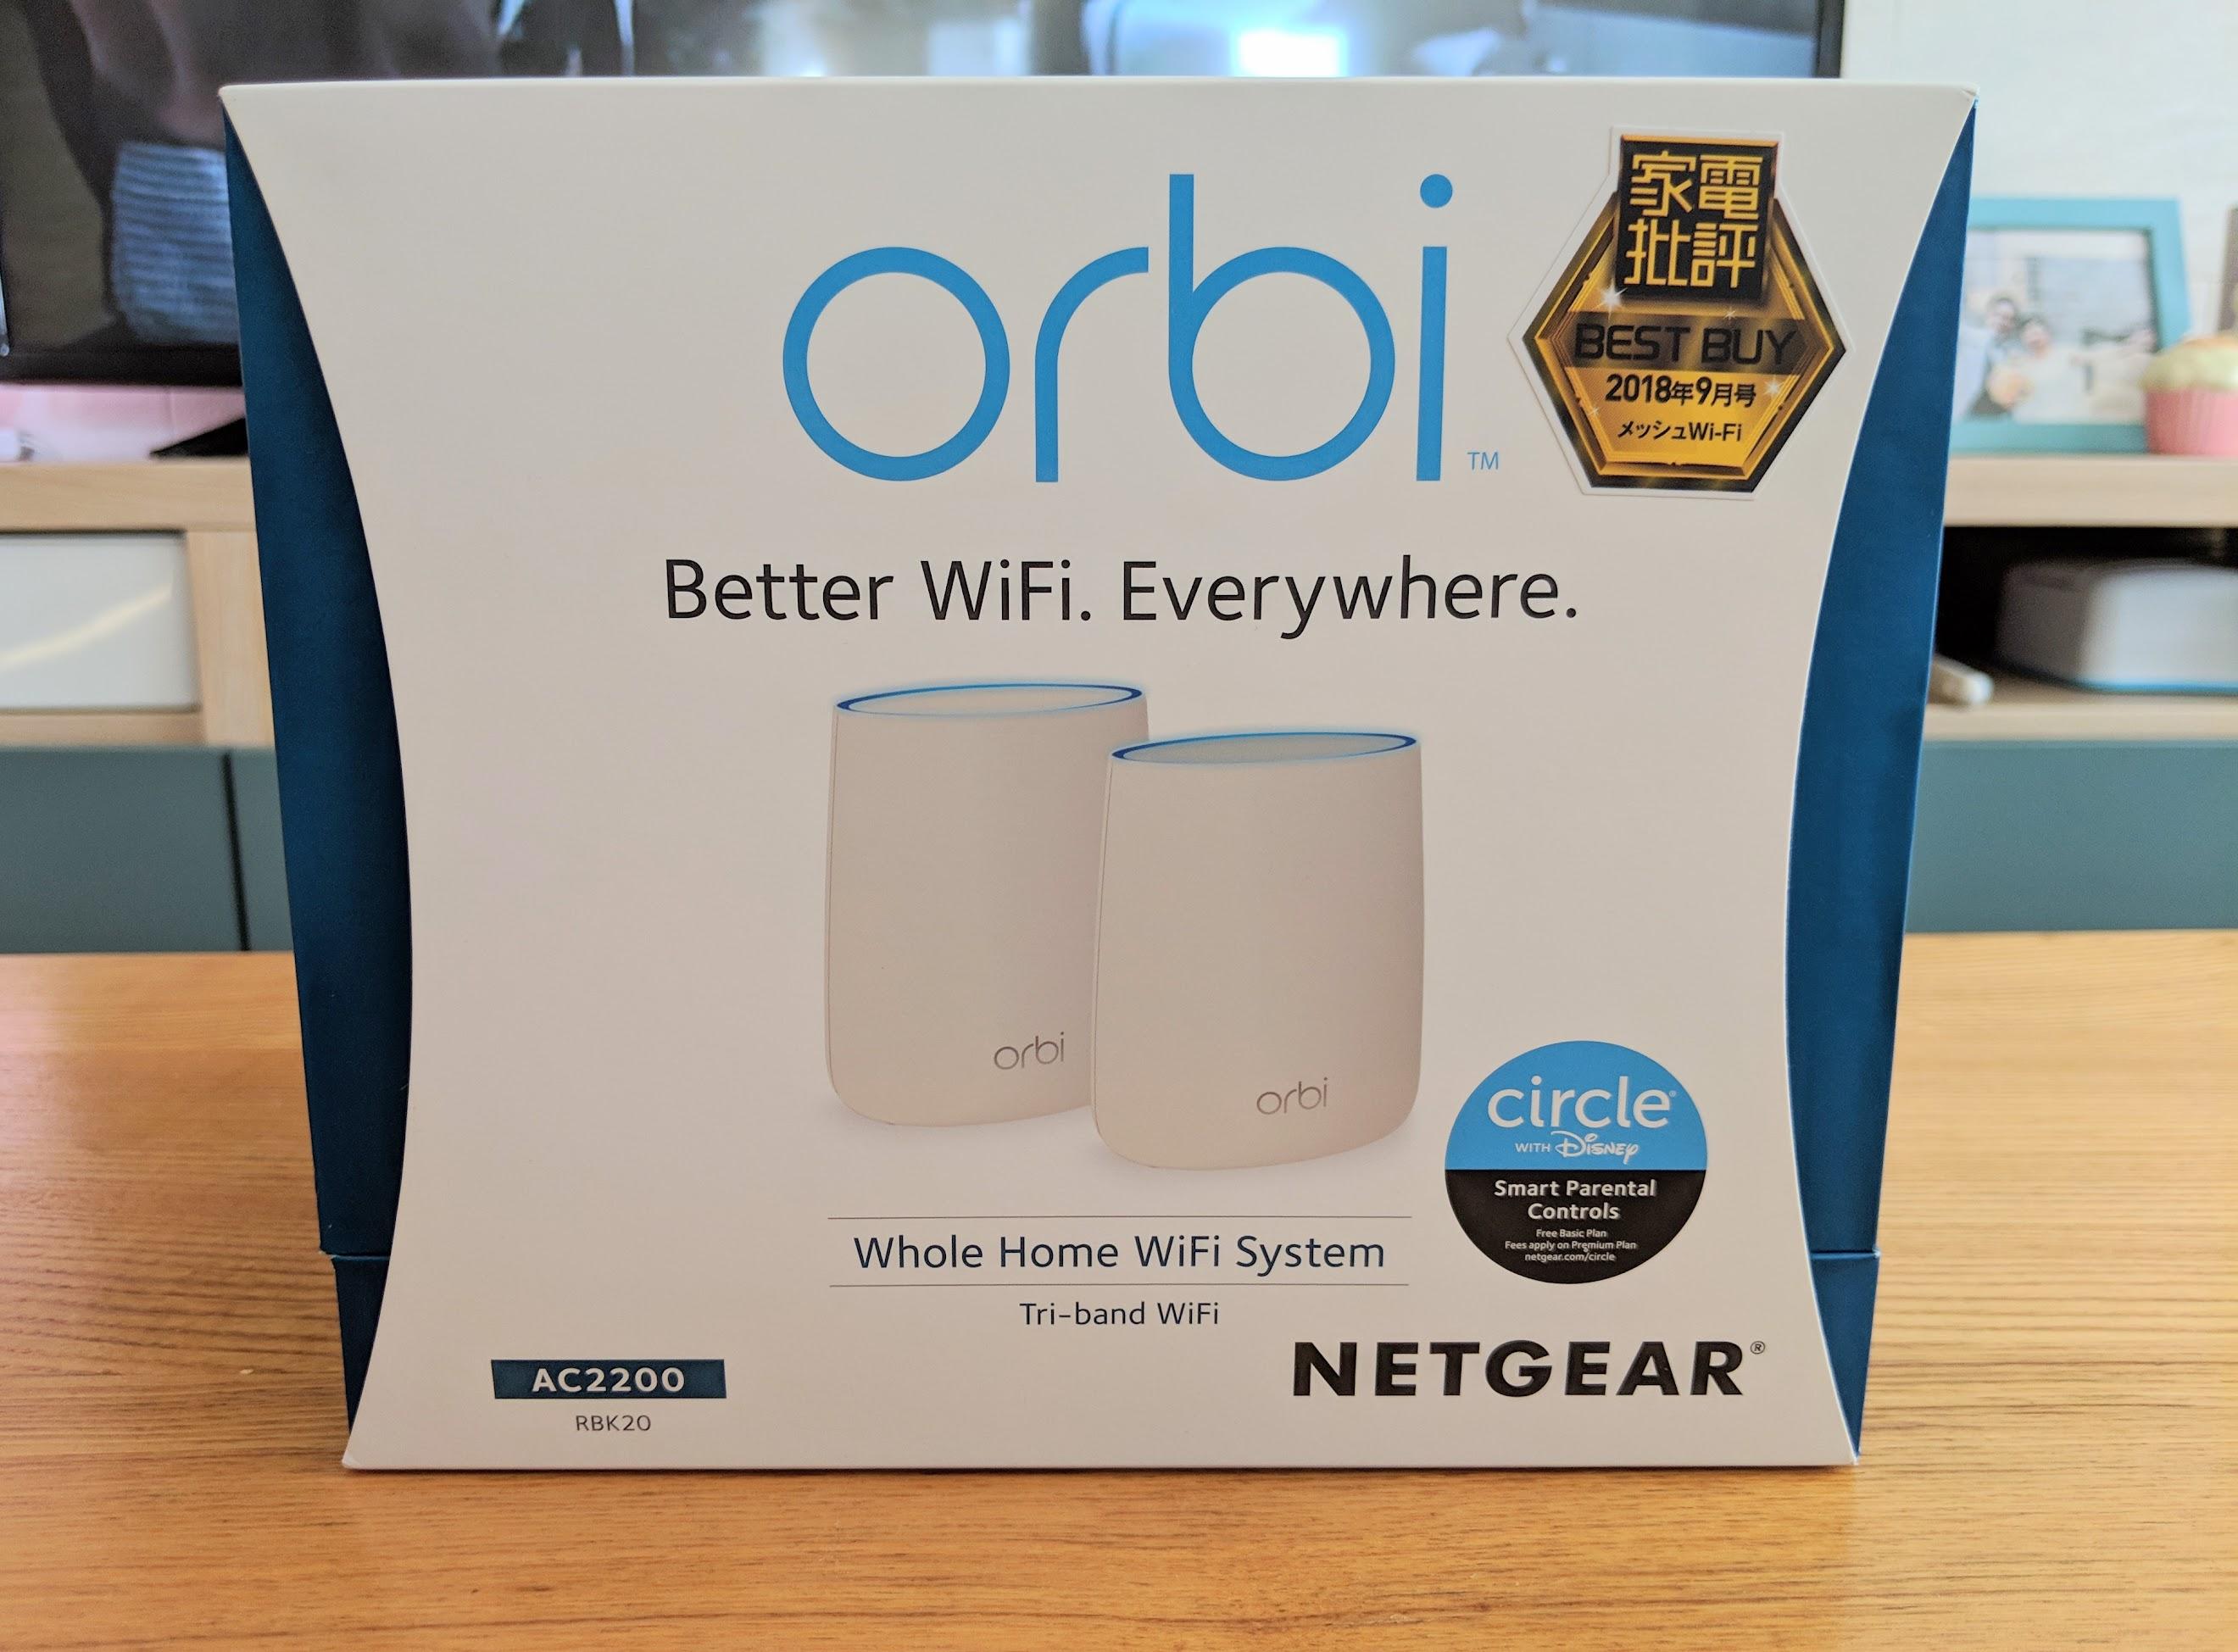 NETGEARの「orbi」